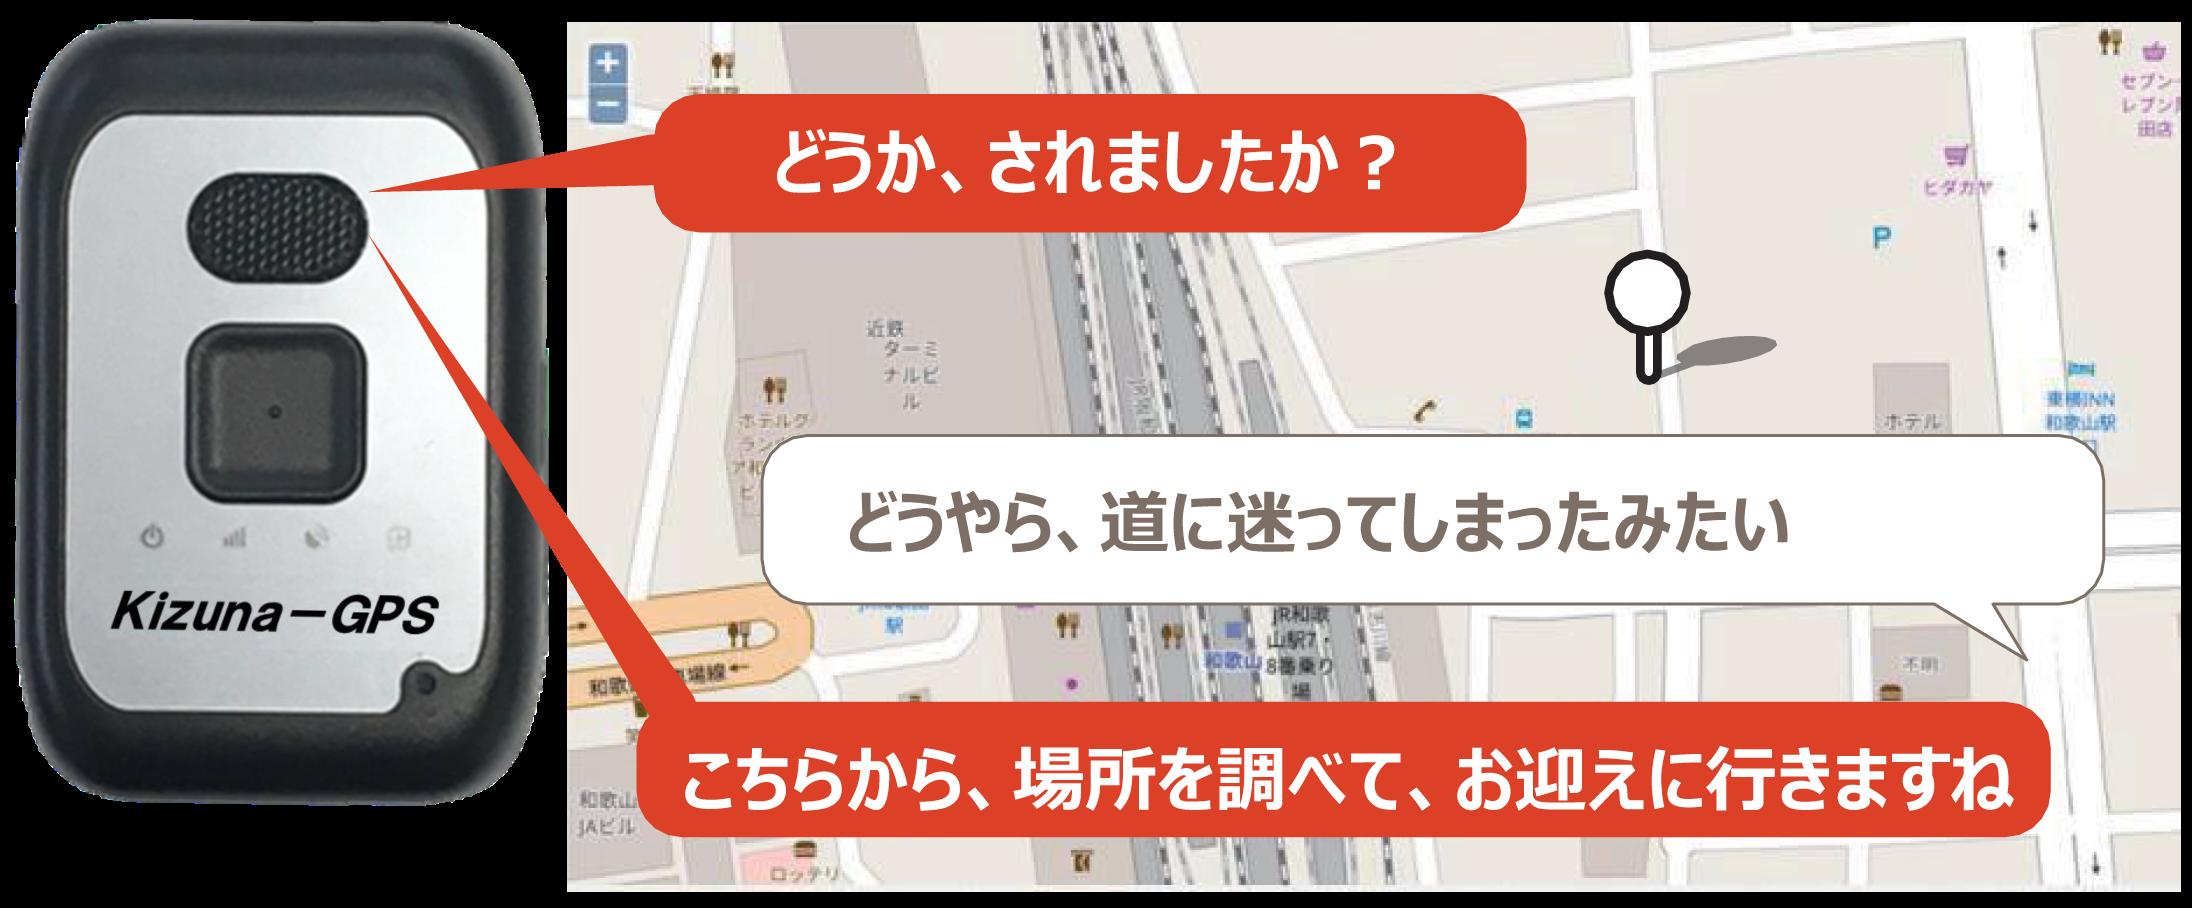 徘徊見守りサービス「絆GPS」メインイメージ